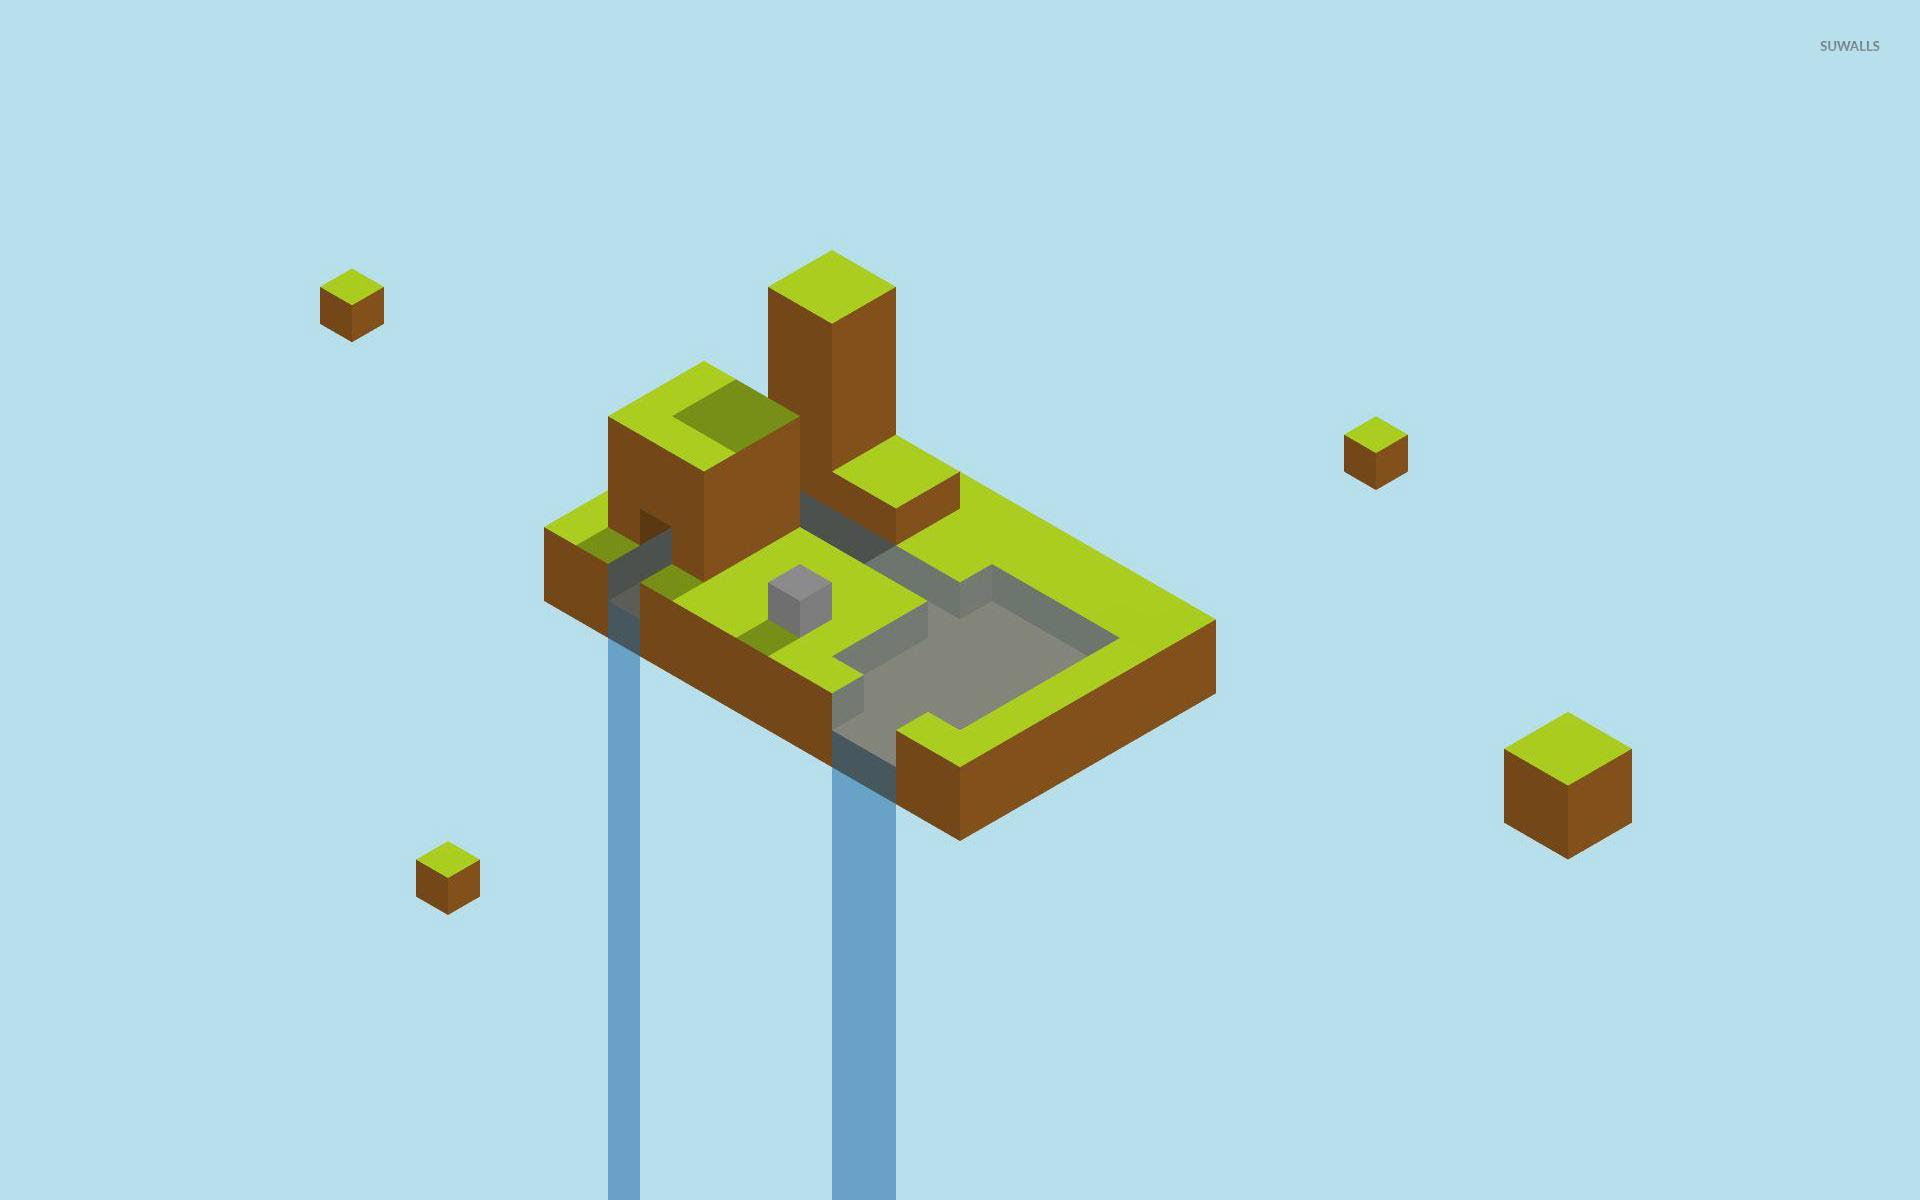 Floating Minecraft Waterfall Wallpaper Minimalistic